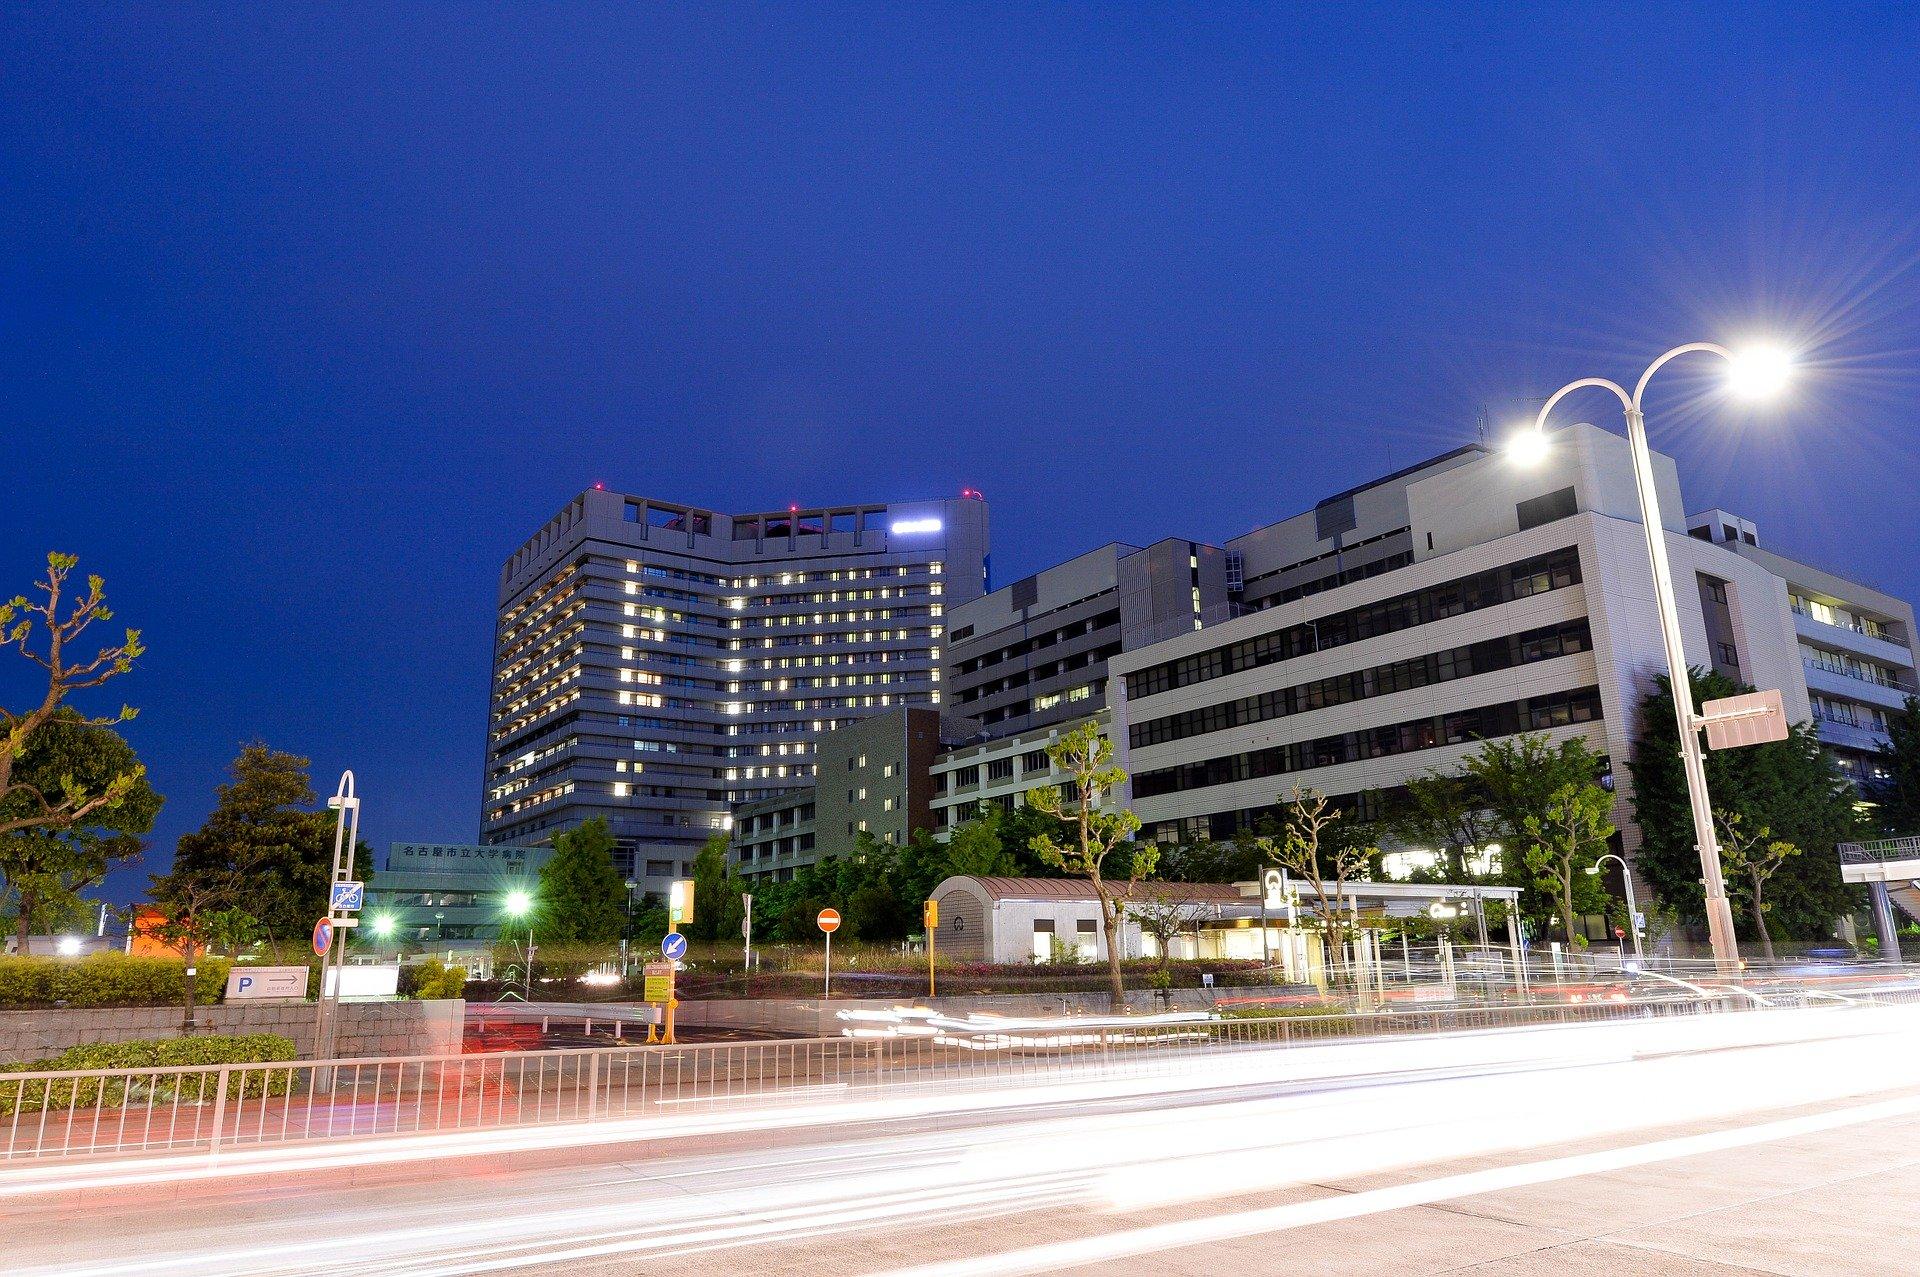 福岡県コロナウイルス感染者受け入れ病院は何市のどこ?指定医療機関は?